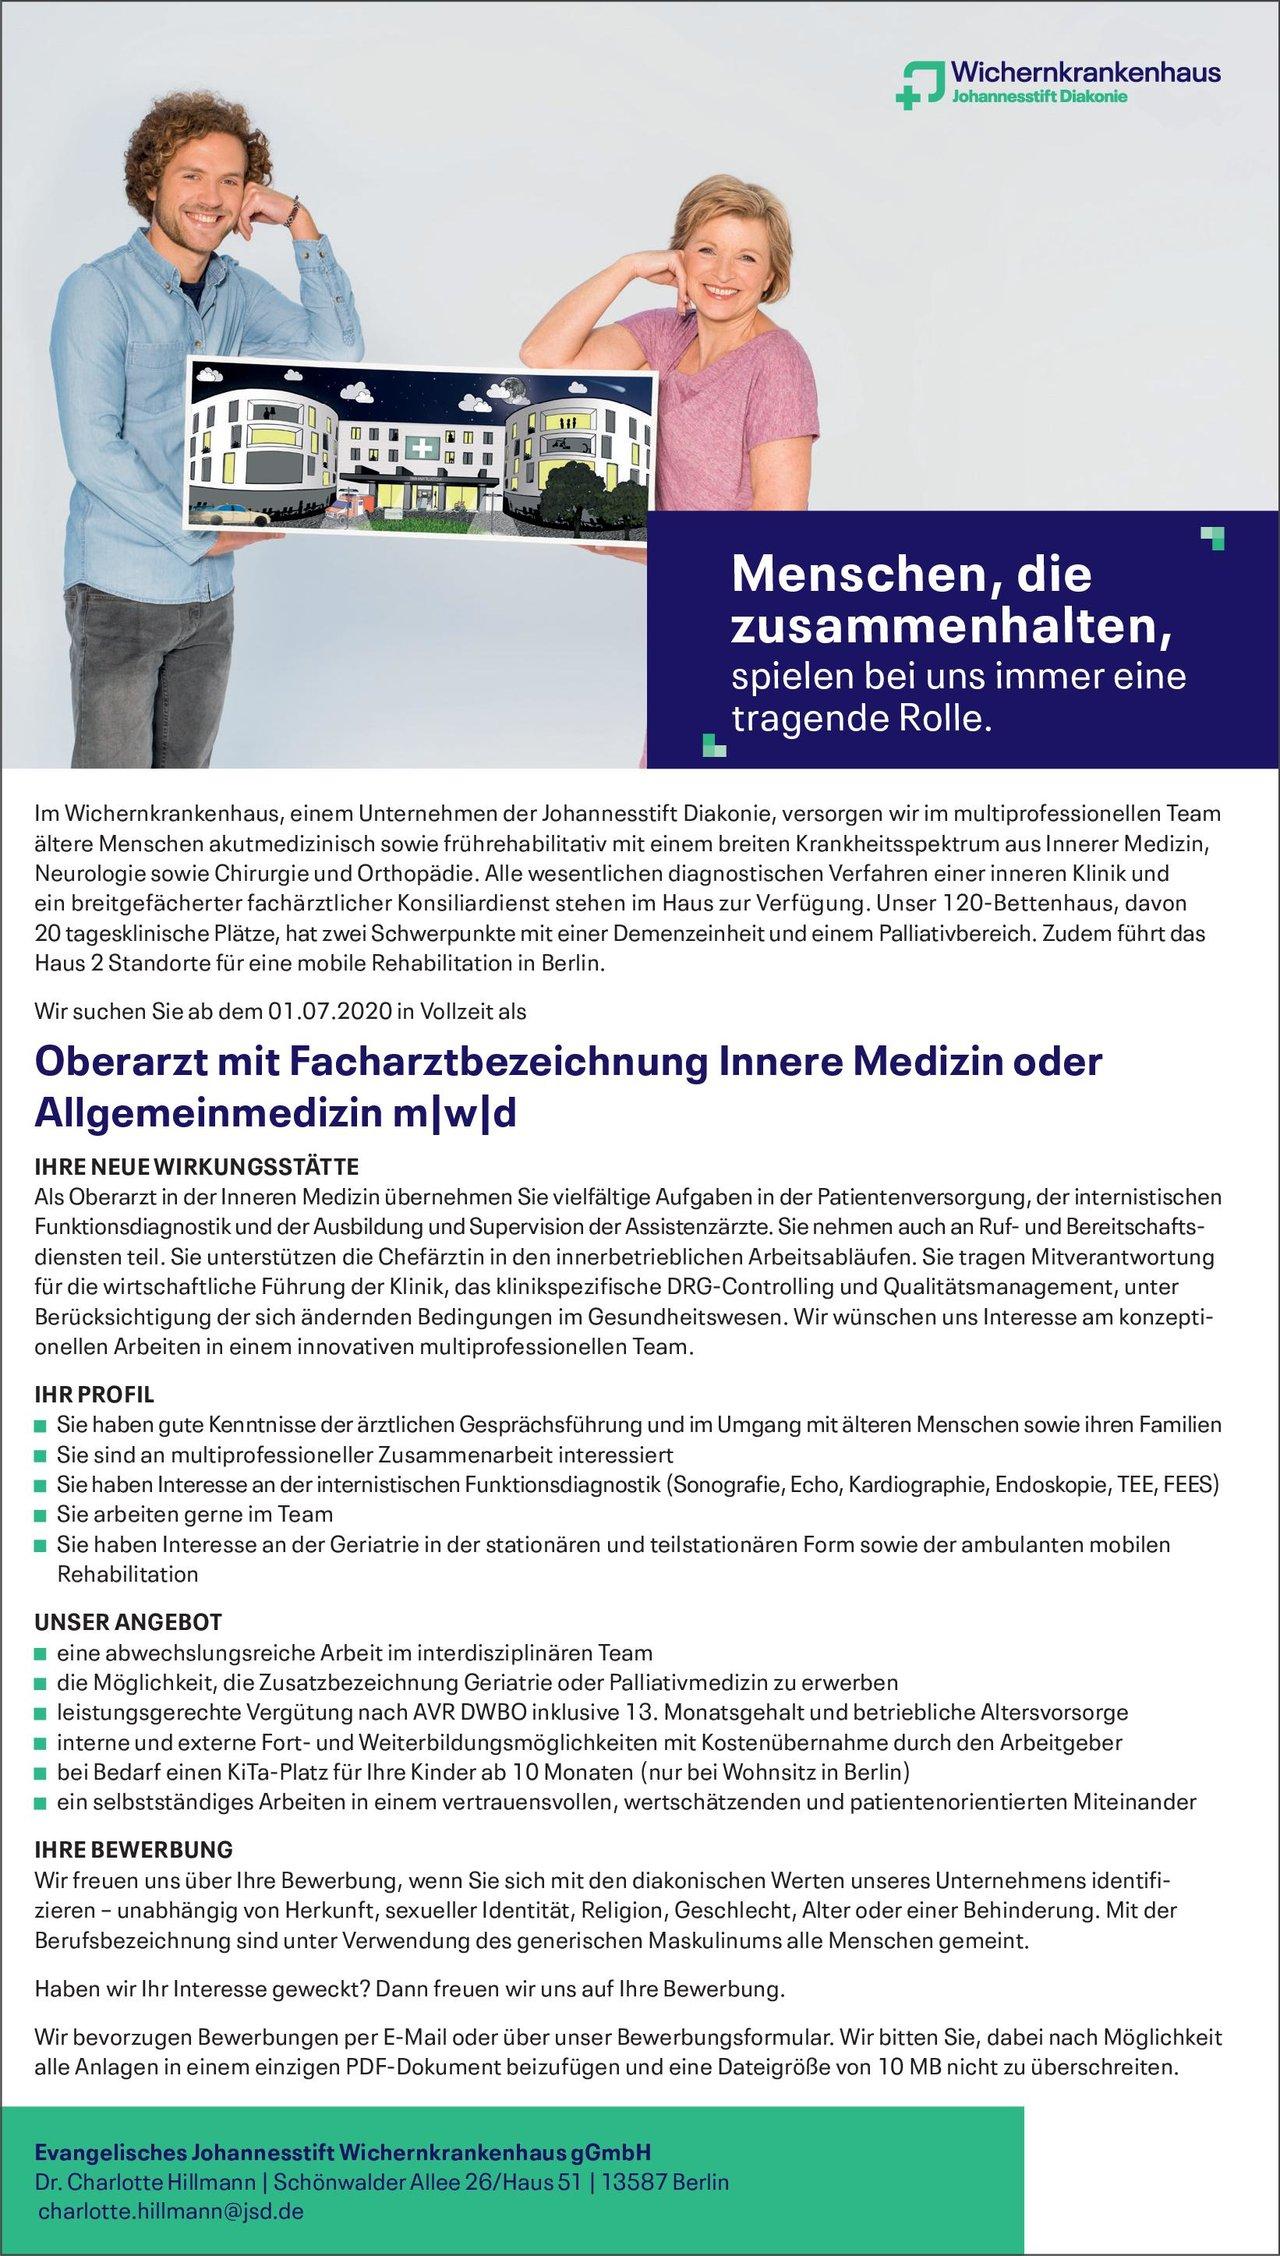 Evangelisches Johannesstift Wichernkrankenhaus gGmbH Oberarzt mit Facharztbezeichnung Innere Medizin oder Allgemeinmedizin m/w/d  Innere Medizin, Allgemeinmedizin, Innere Medizin Oberarzt